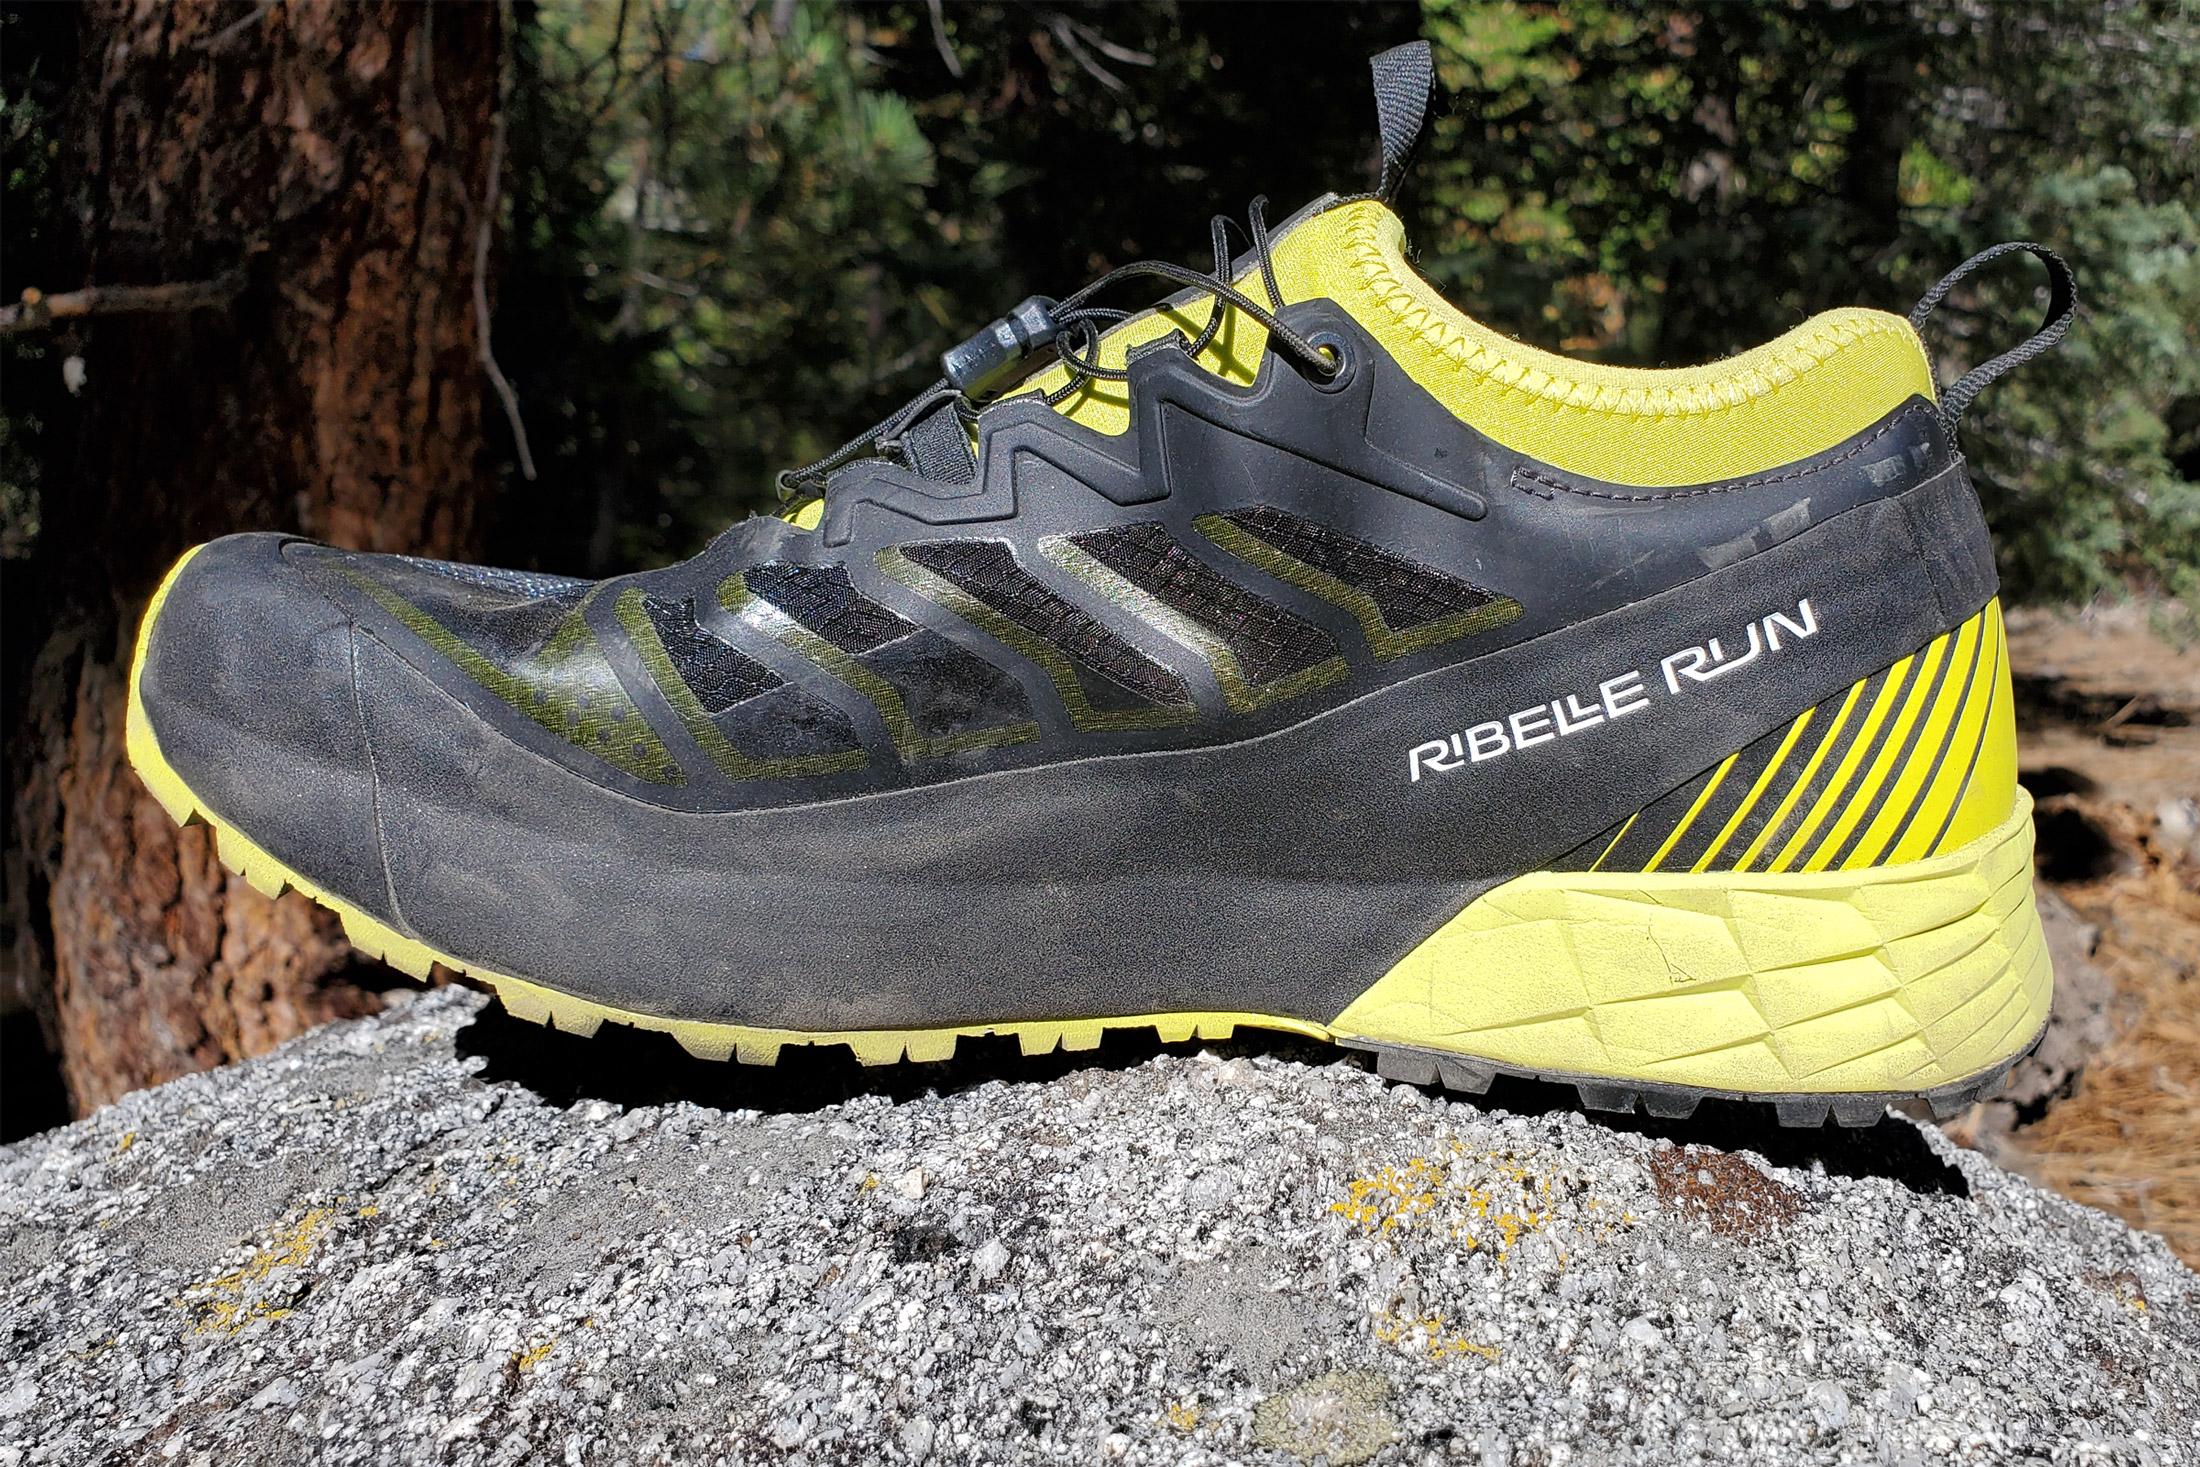 Zapatillas de running Scarpa Ribelle